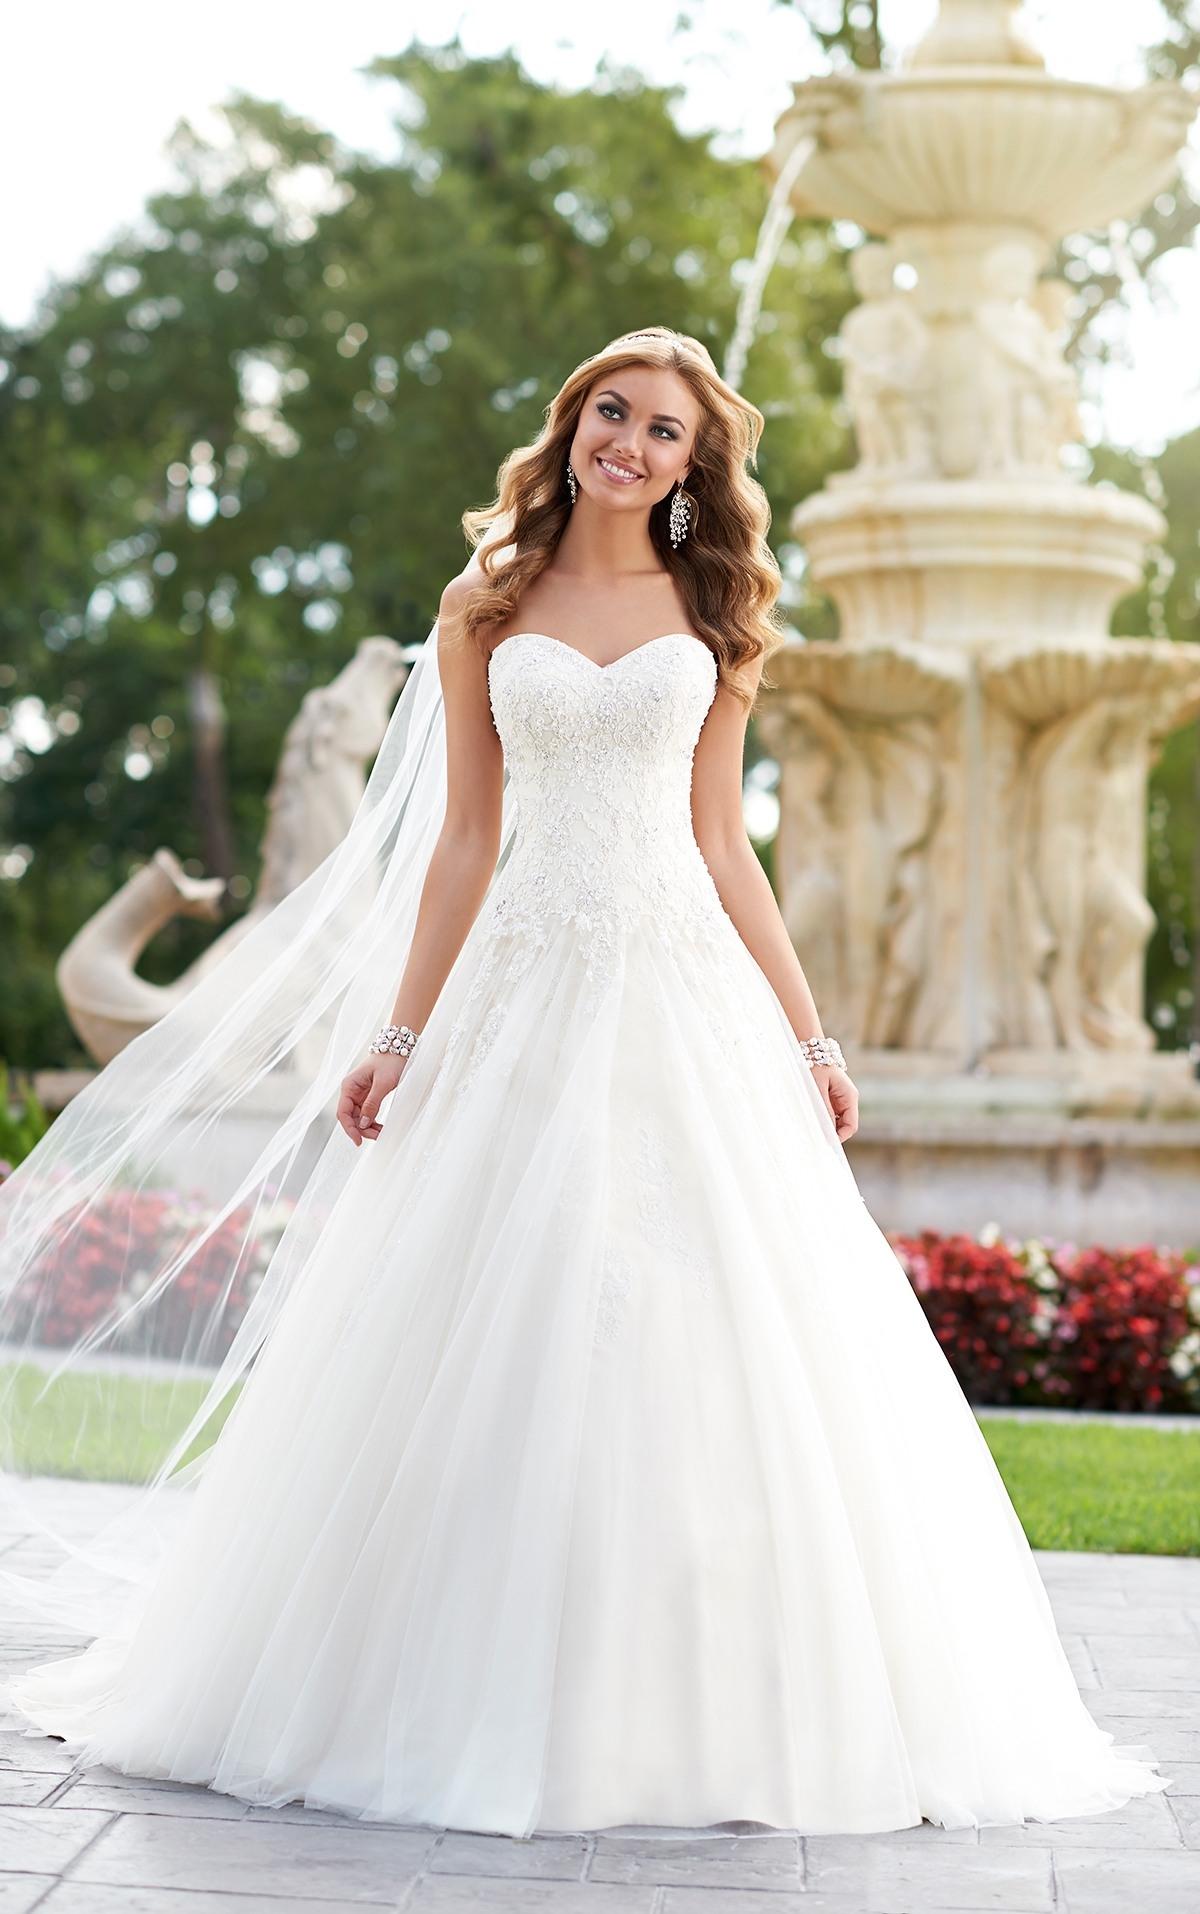 Perfekt Schöne Hochzeitskleider für 2019Abend Genial Schöne Hochzeitskleider Stylish